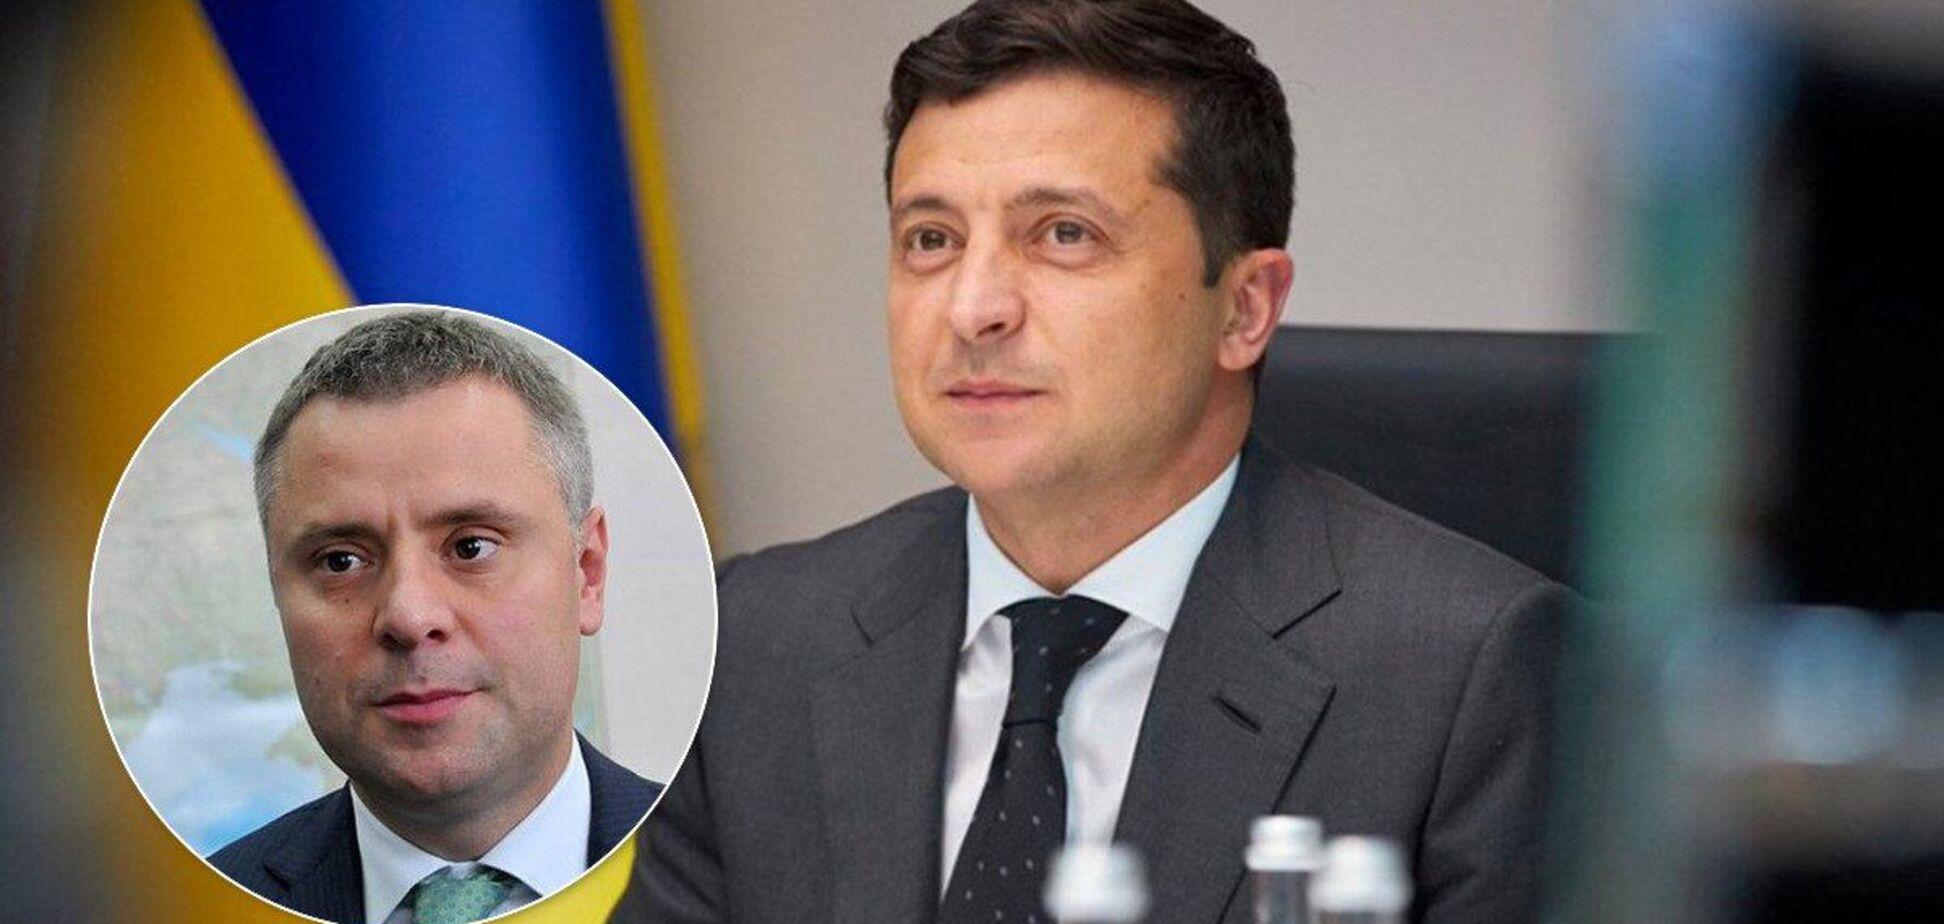 Президент, правляча партія та уряд можуть розглянути кандидатуру Вітренка на посаду міністра енергетики